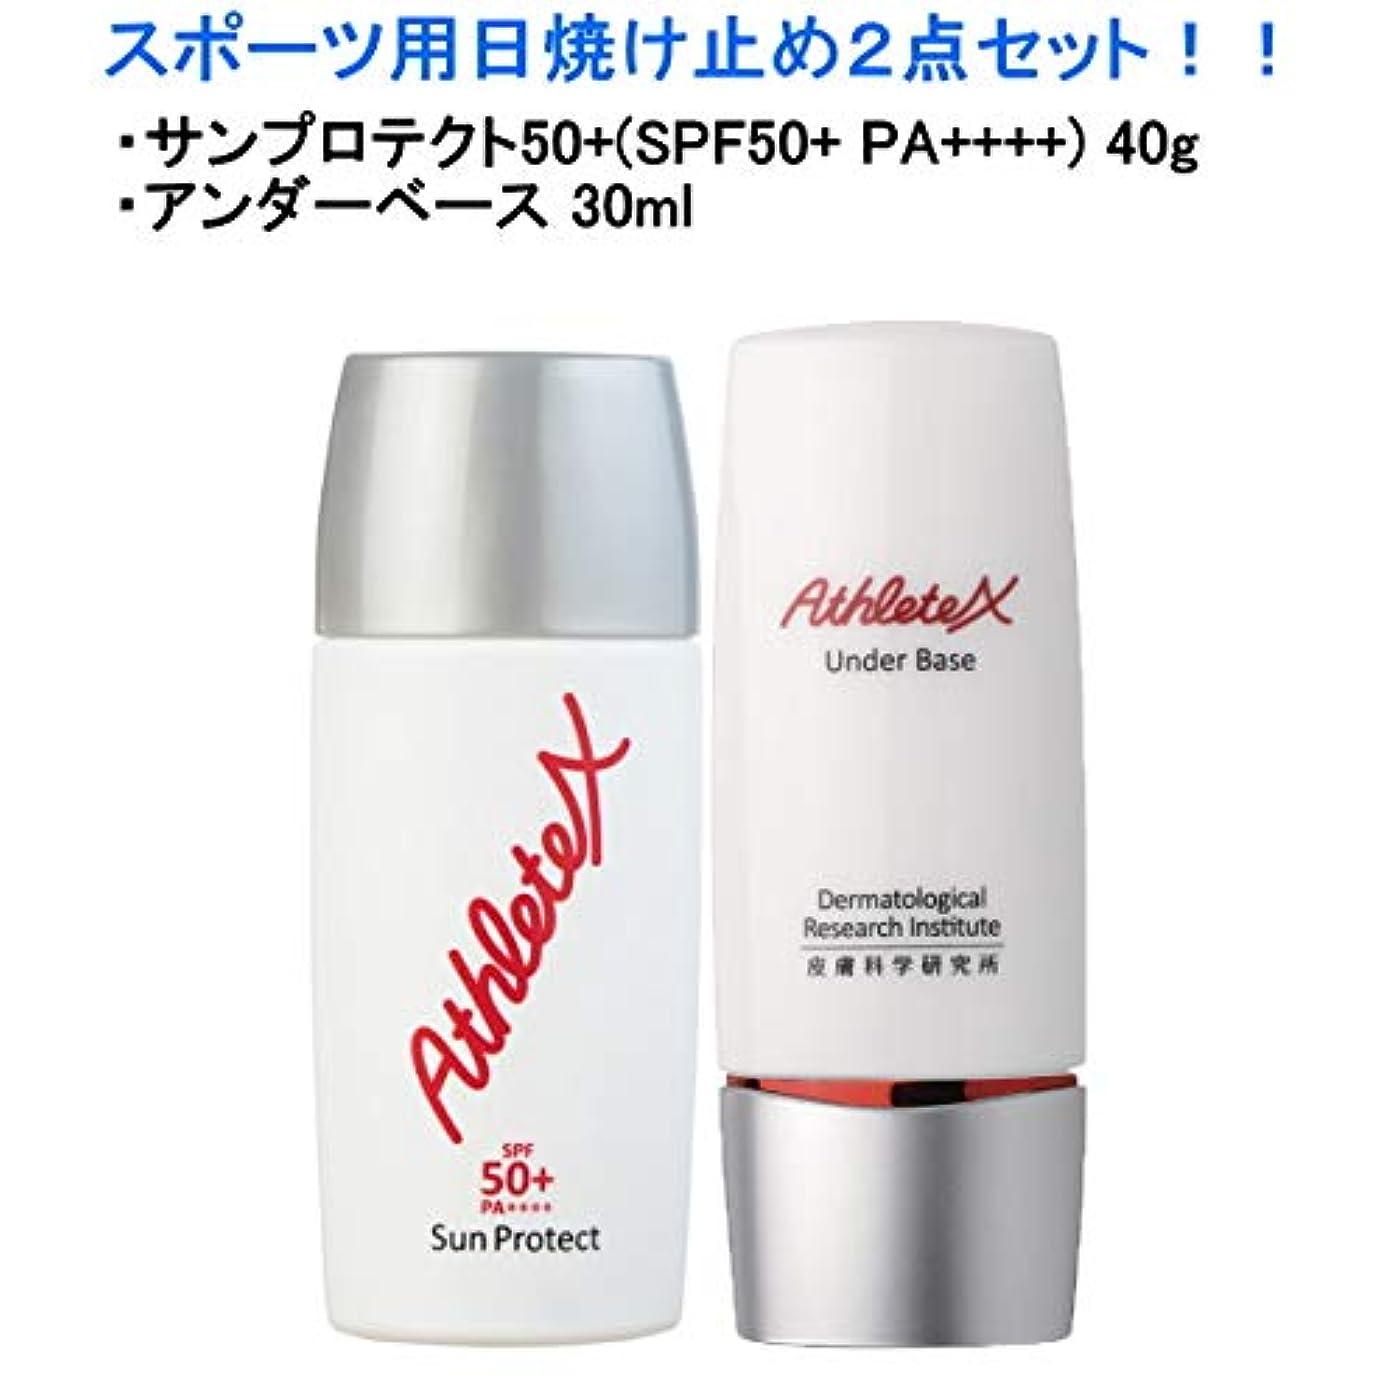 野心化学薬品ビリーヤギAthleteXスポーツサンプロテクト50+、アンダーベース/セット